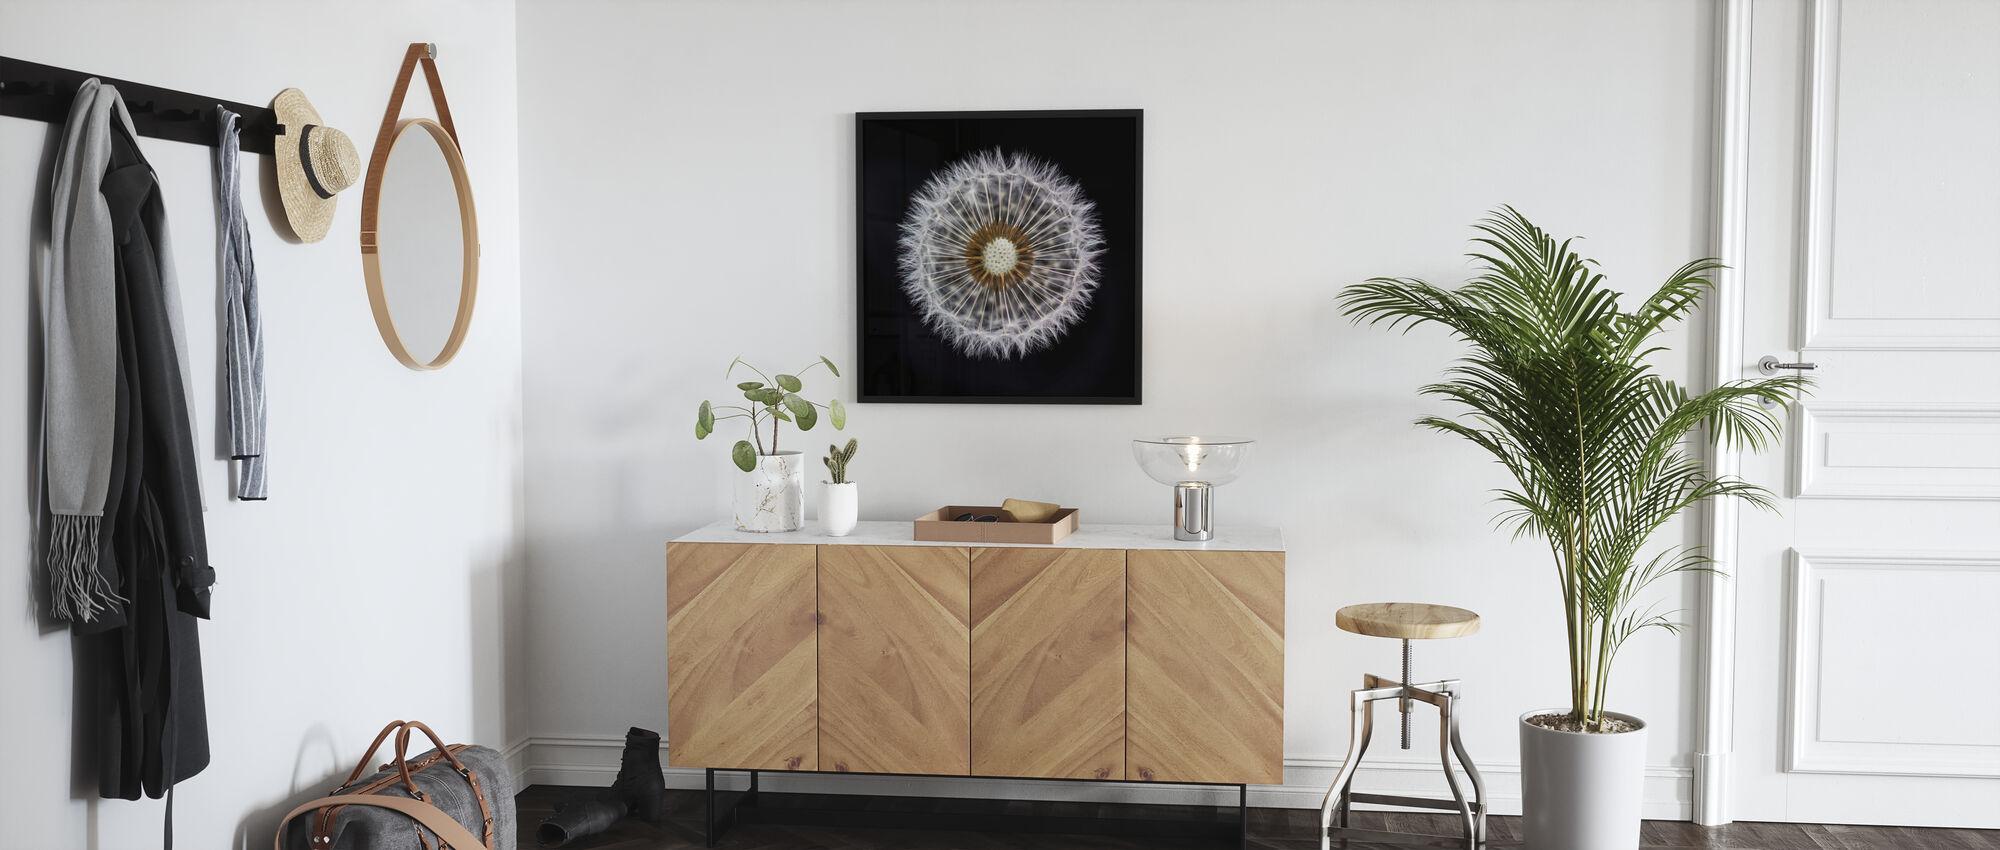 Dandelion Clock - Poster - Hallway